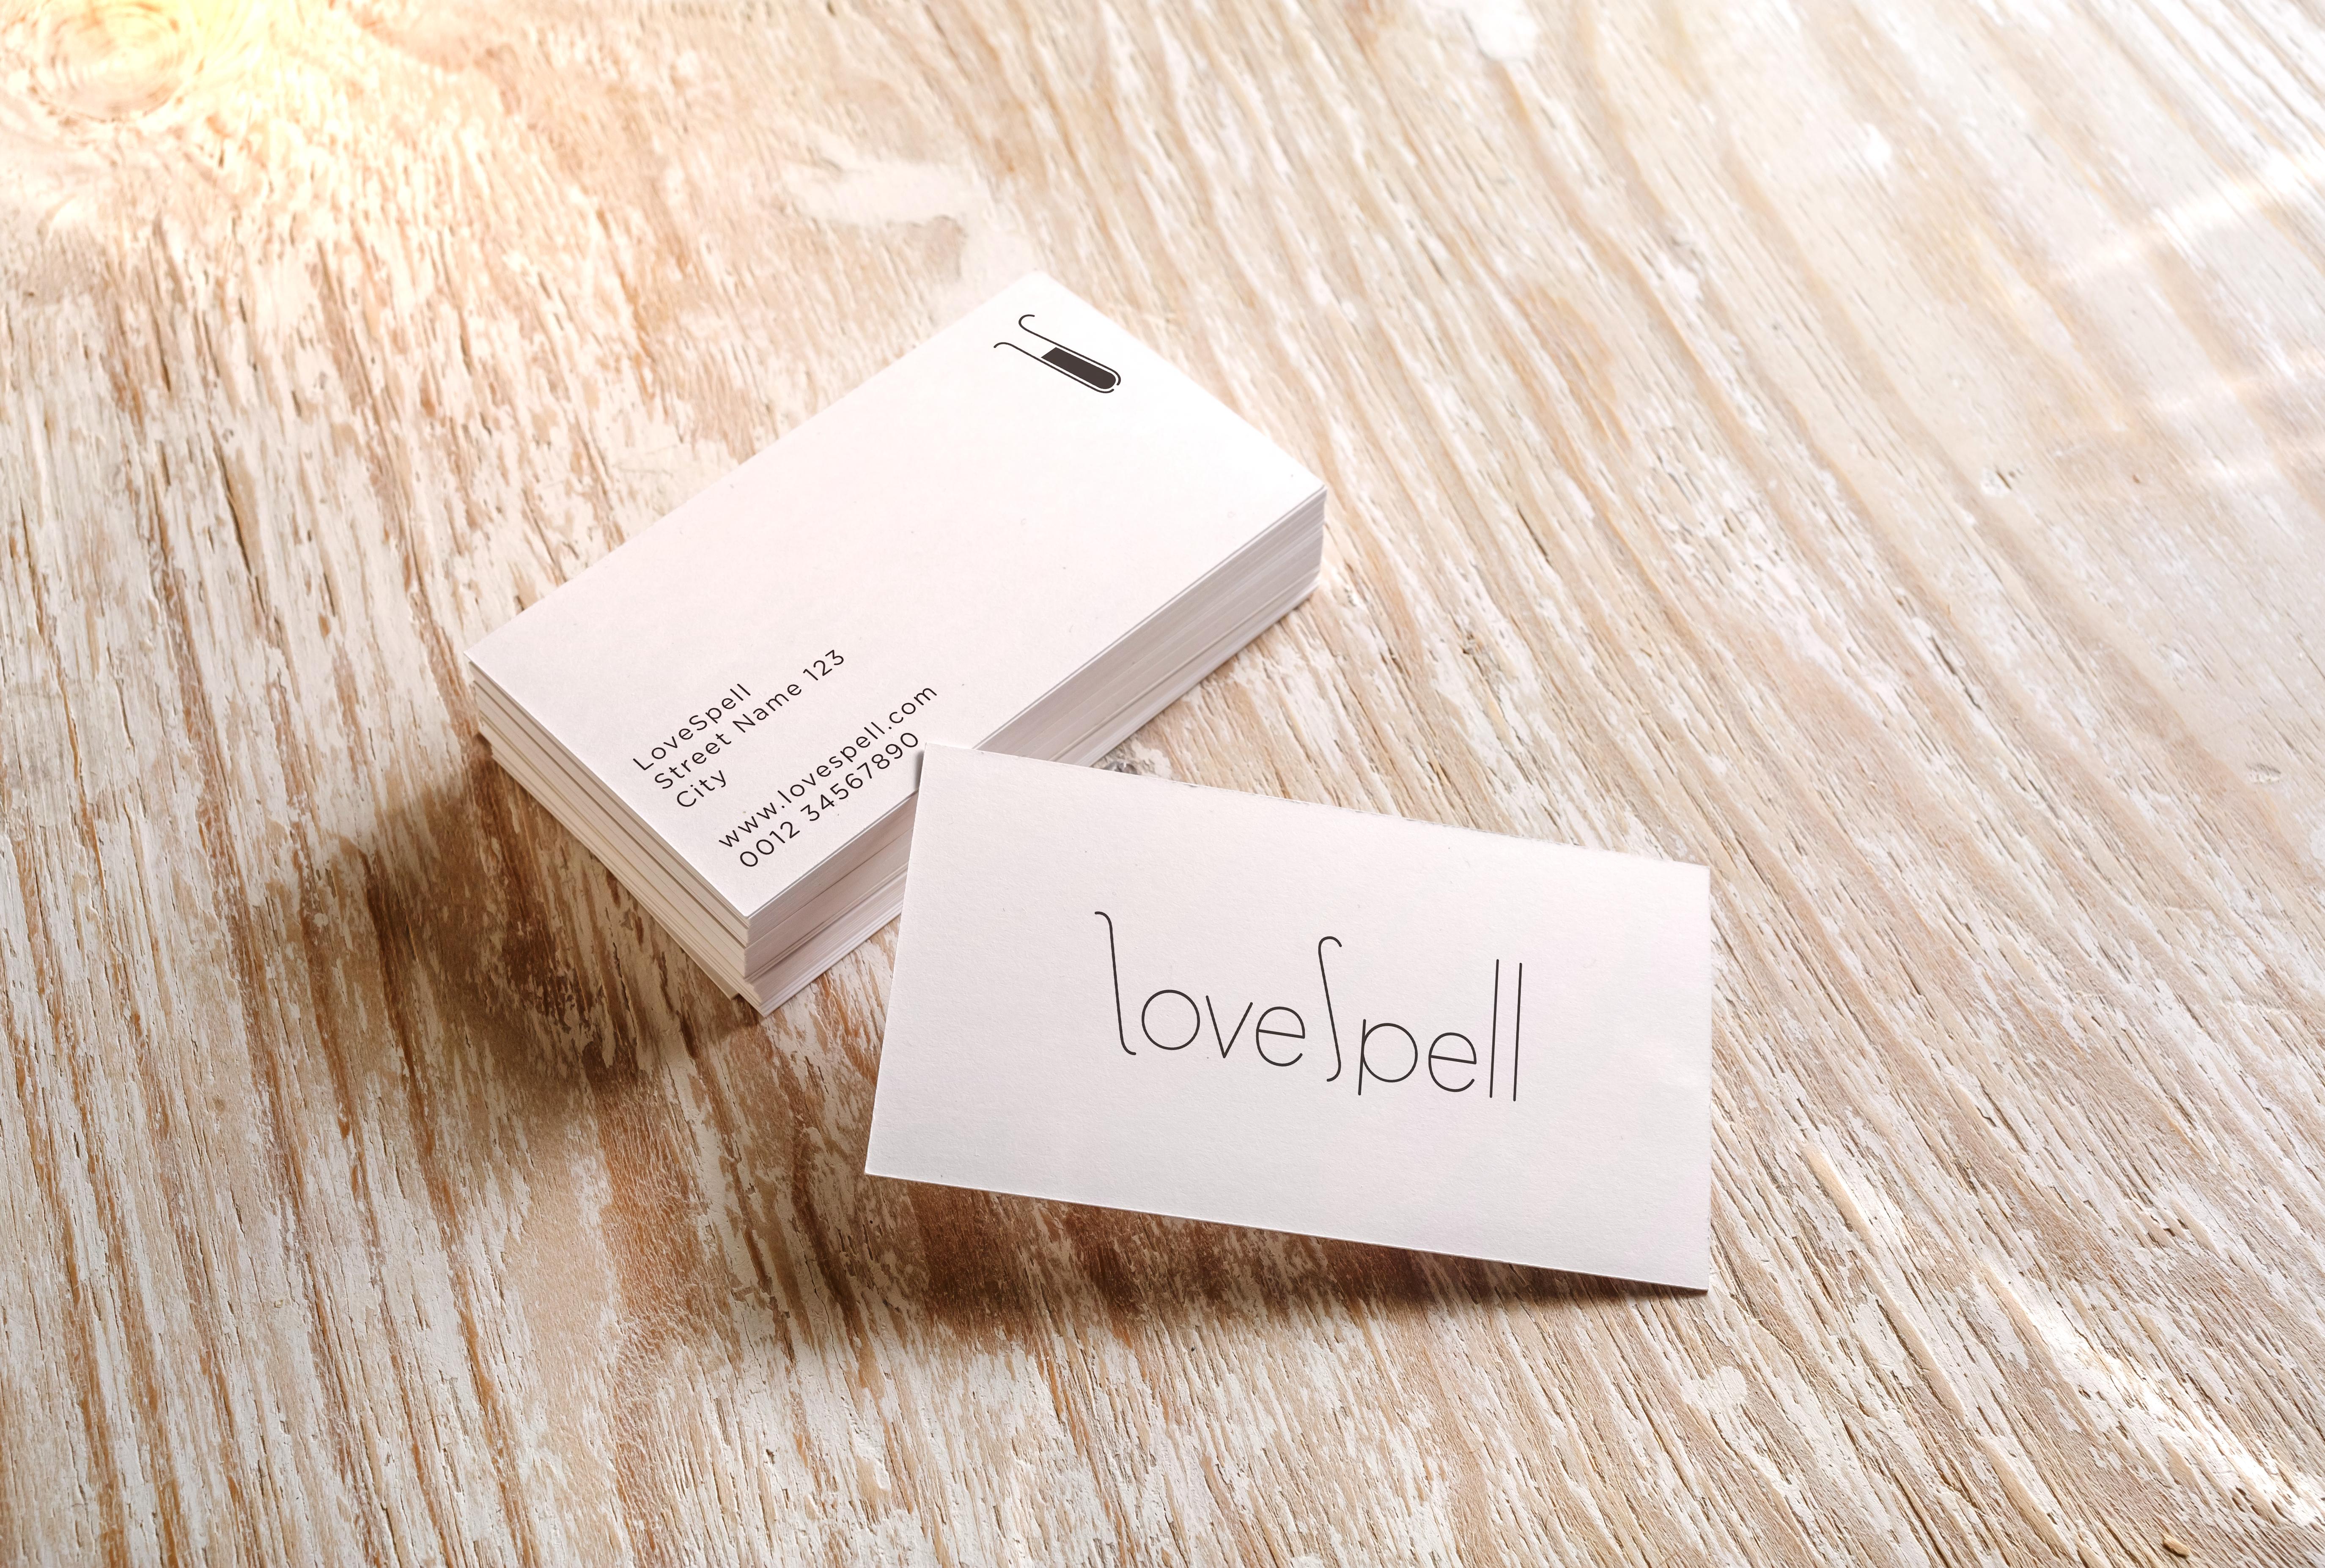 LoveSpell / business cards